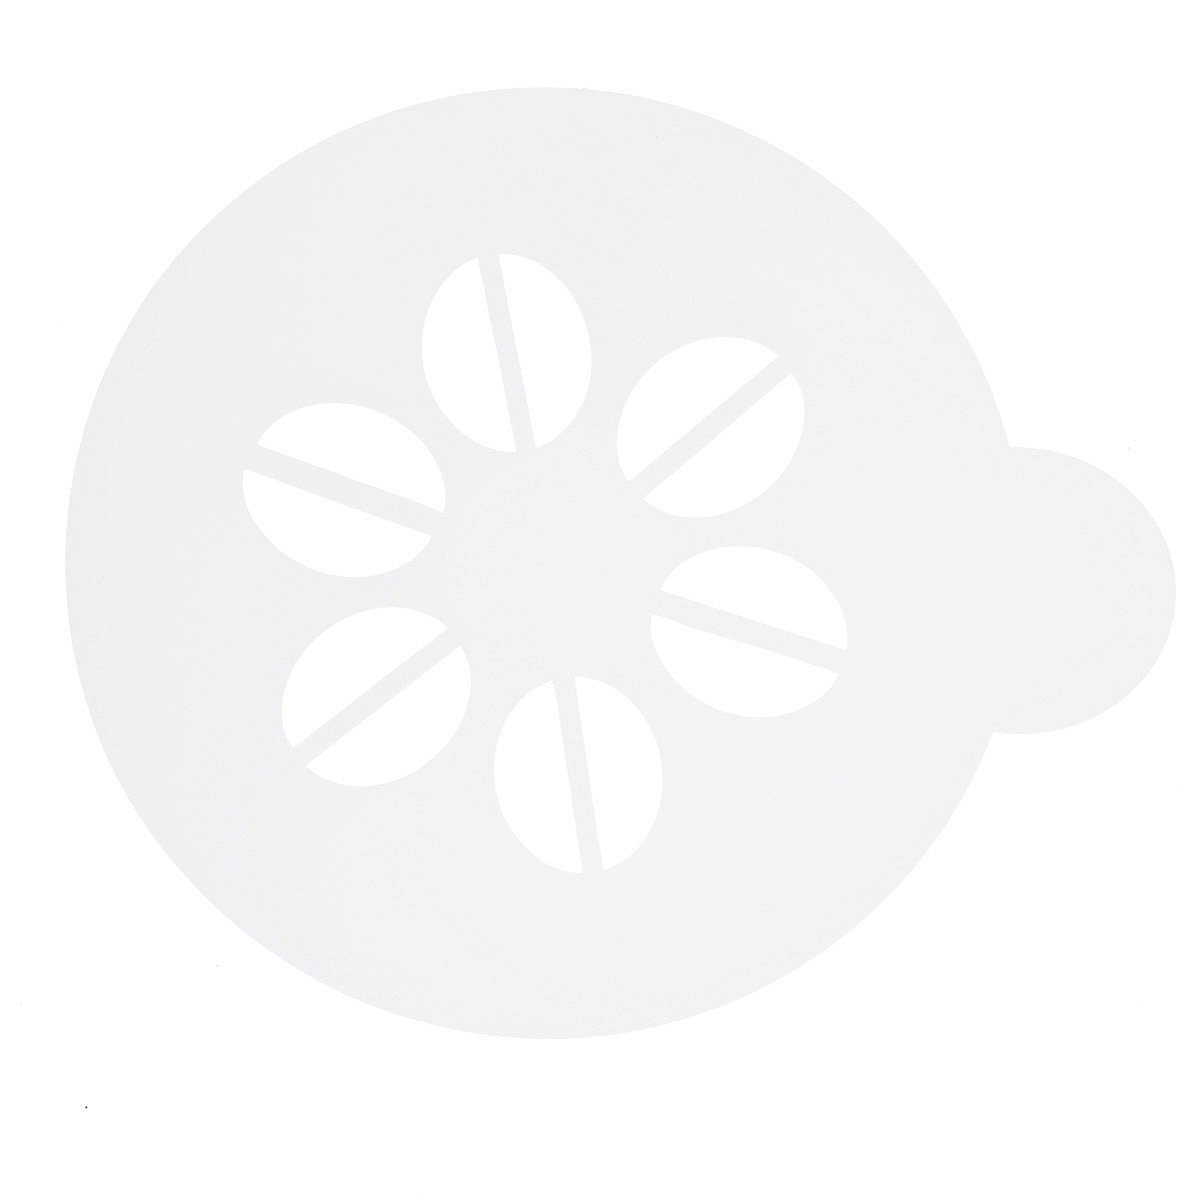 Трафарет на кофе и десерты Леденцовая фабрика Зерна кофе, диаметр 10 см94672Трафарет представляет собой пластину с прорезями, через которые пищевая краска (сахарная пудра, какао, шоколад, сливки, корица, дробленый орех) наносится на поверхность кофе, молочных коктейлей, десертов. Трафарет изготовлен из матового пищевого пластика 250 мкм и пригоден для контакта с пищевыми продуктами. Трафарет многоразовый. Побалуйте себя и ваших близких красиво оформленным кофе.